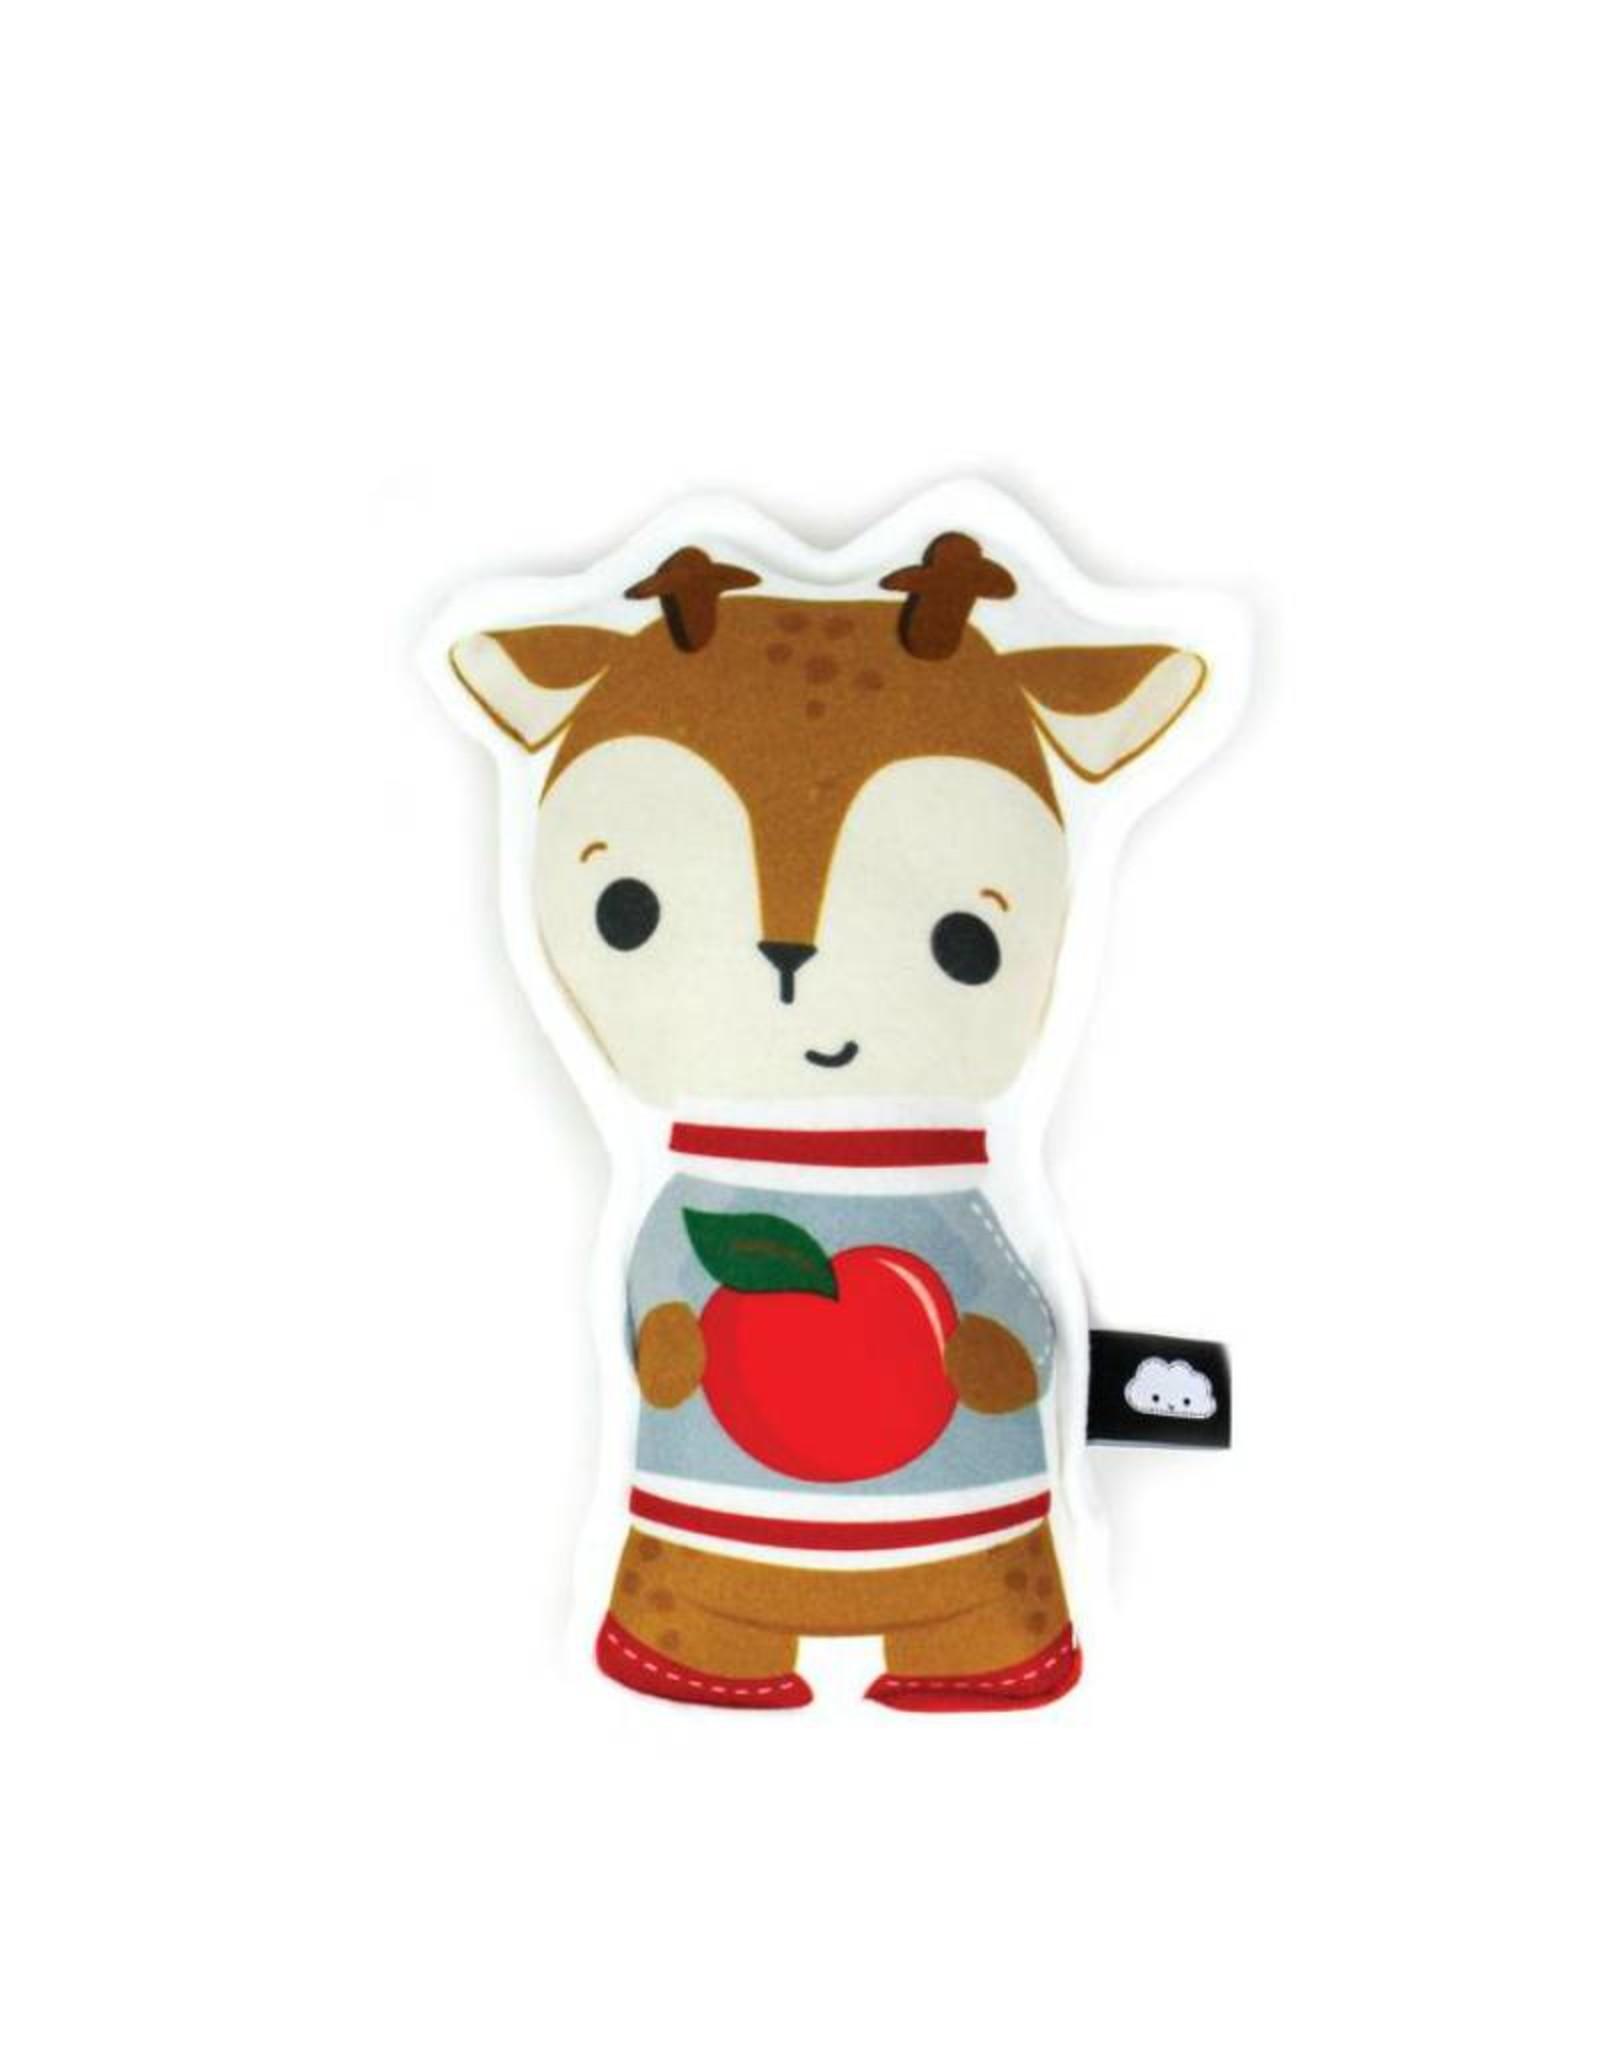 Imaginami Kiki the deer